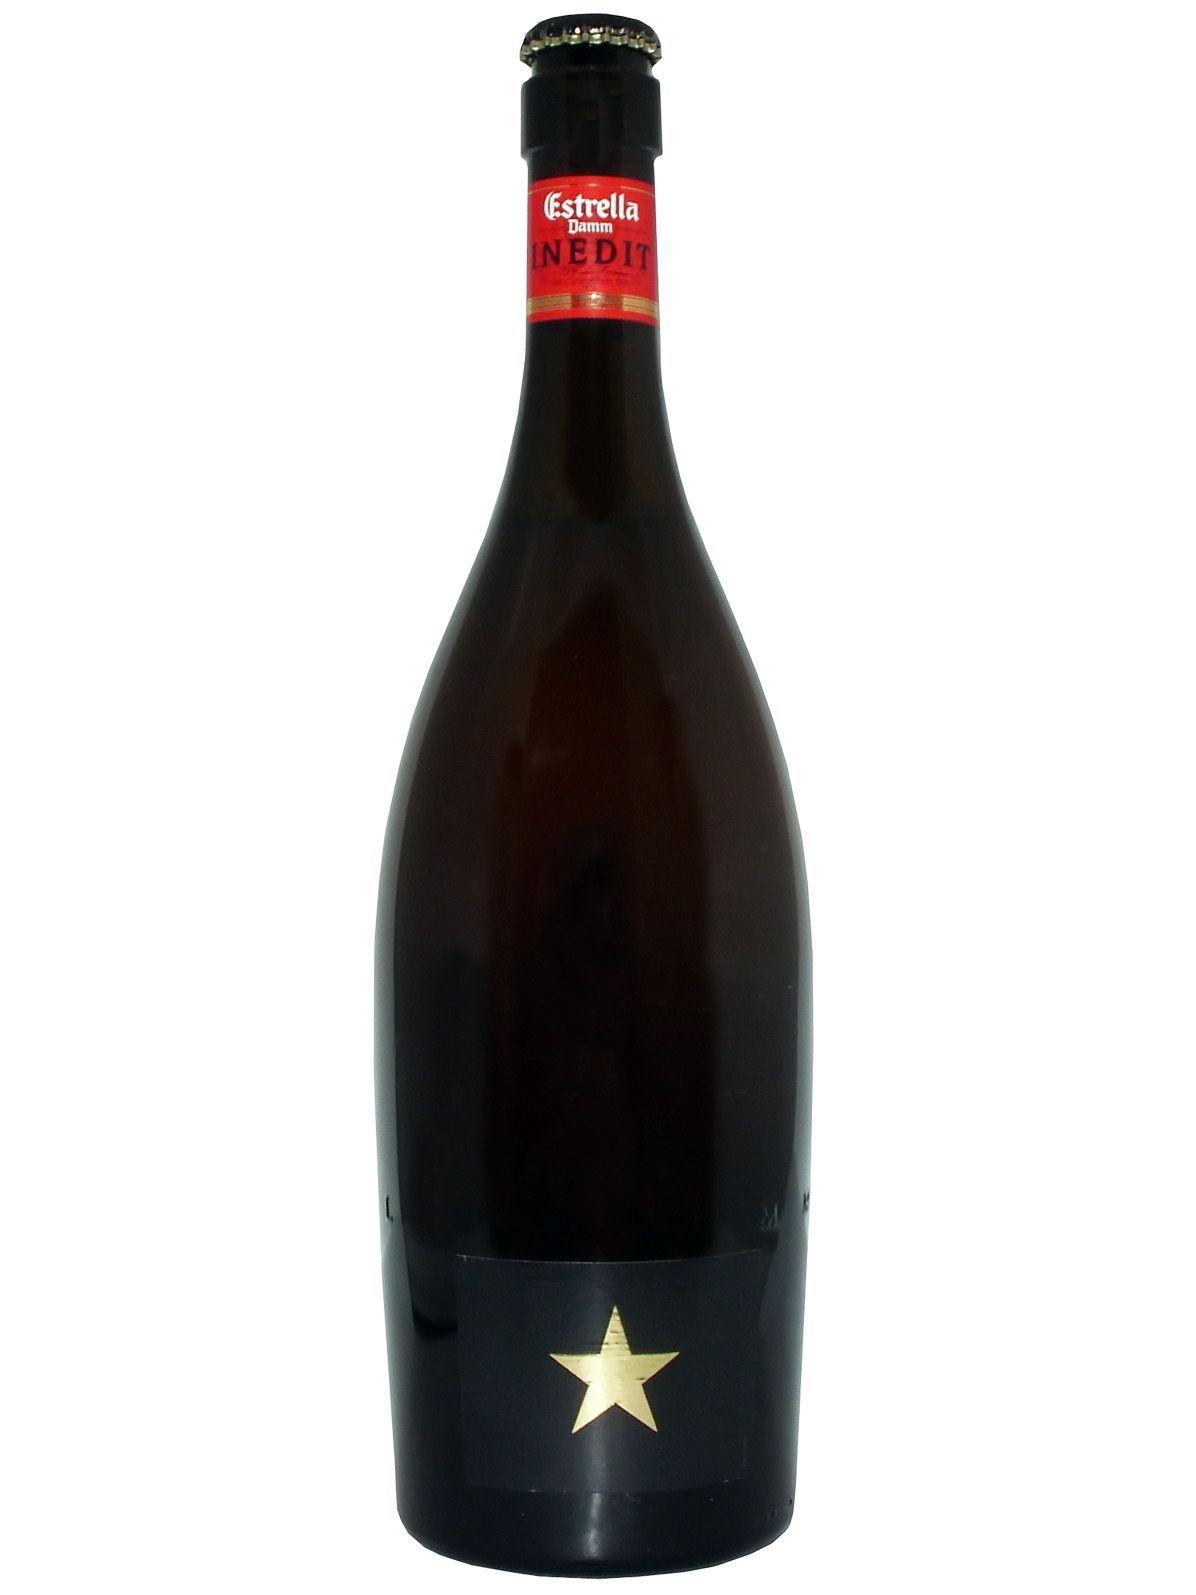 Rei dos Whiskys e Vinhos - Vinho - Whisky Com. de Bebidas - CERVEJA ESTRELA DAMM INEDIT 750ML